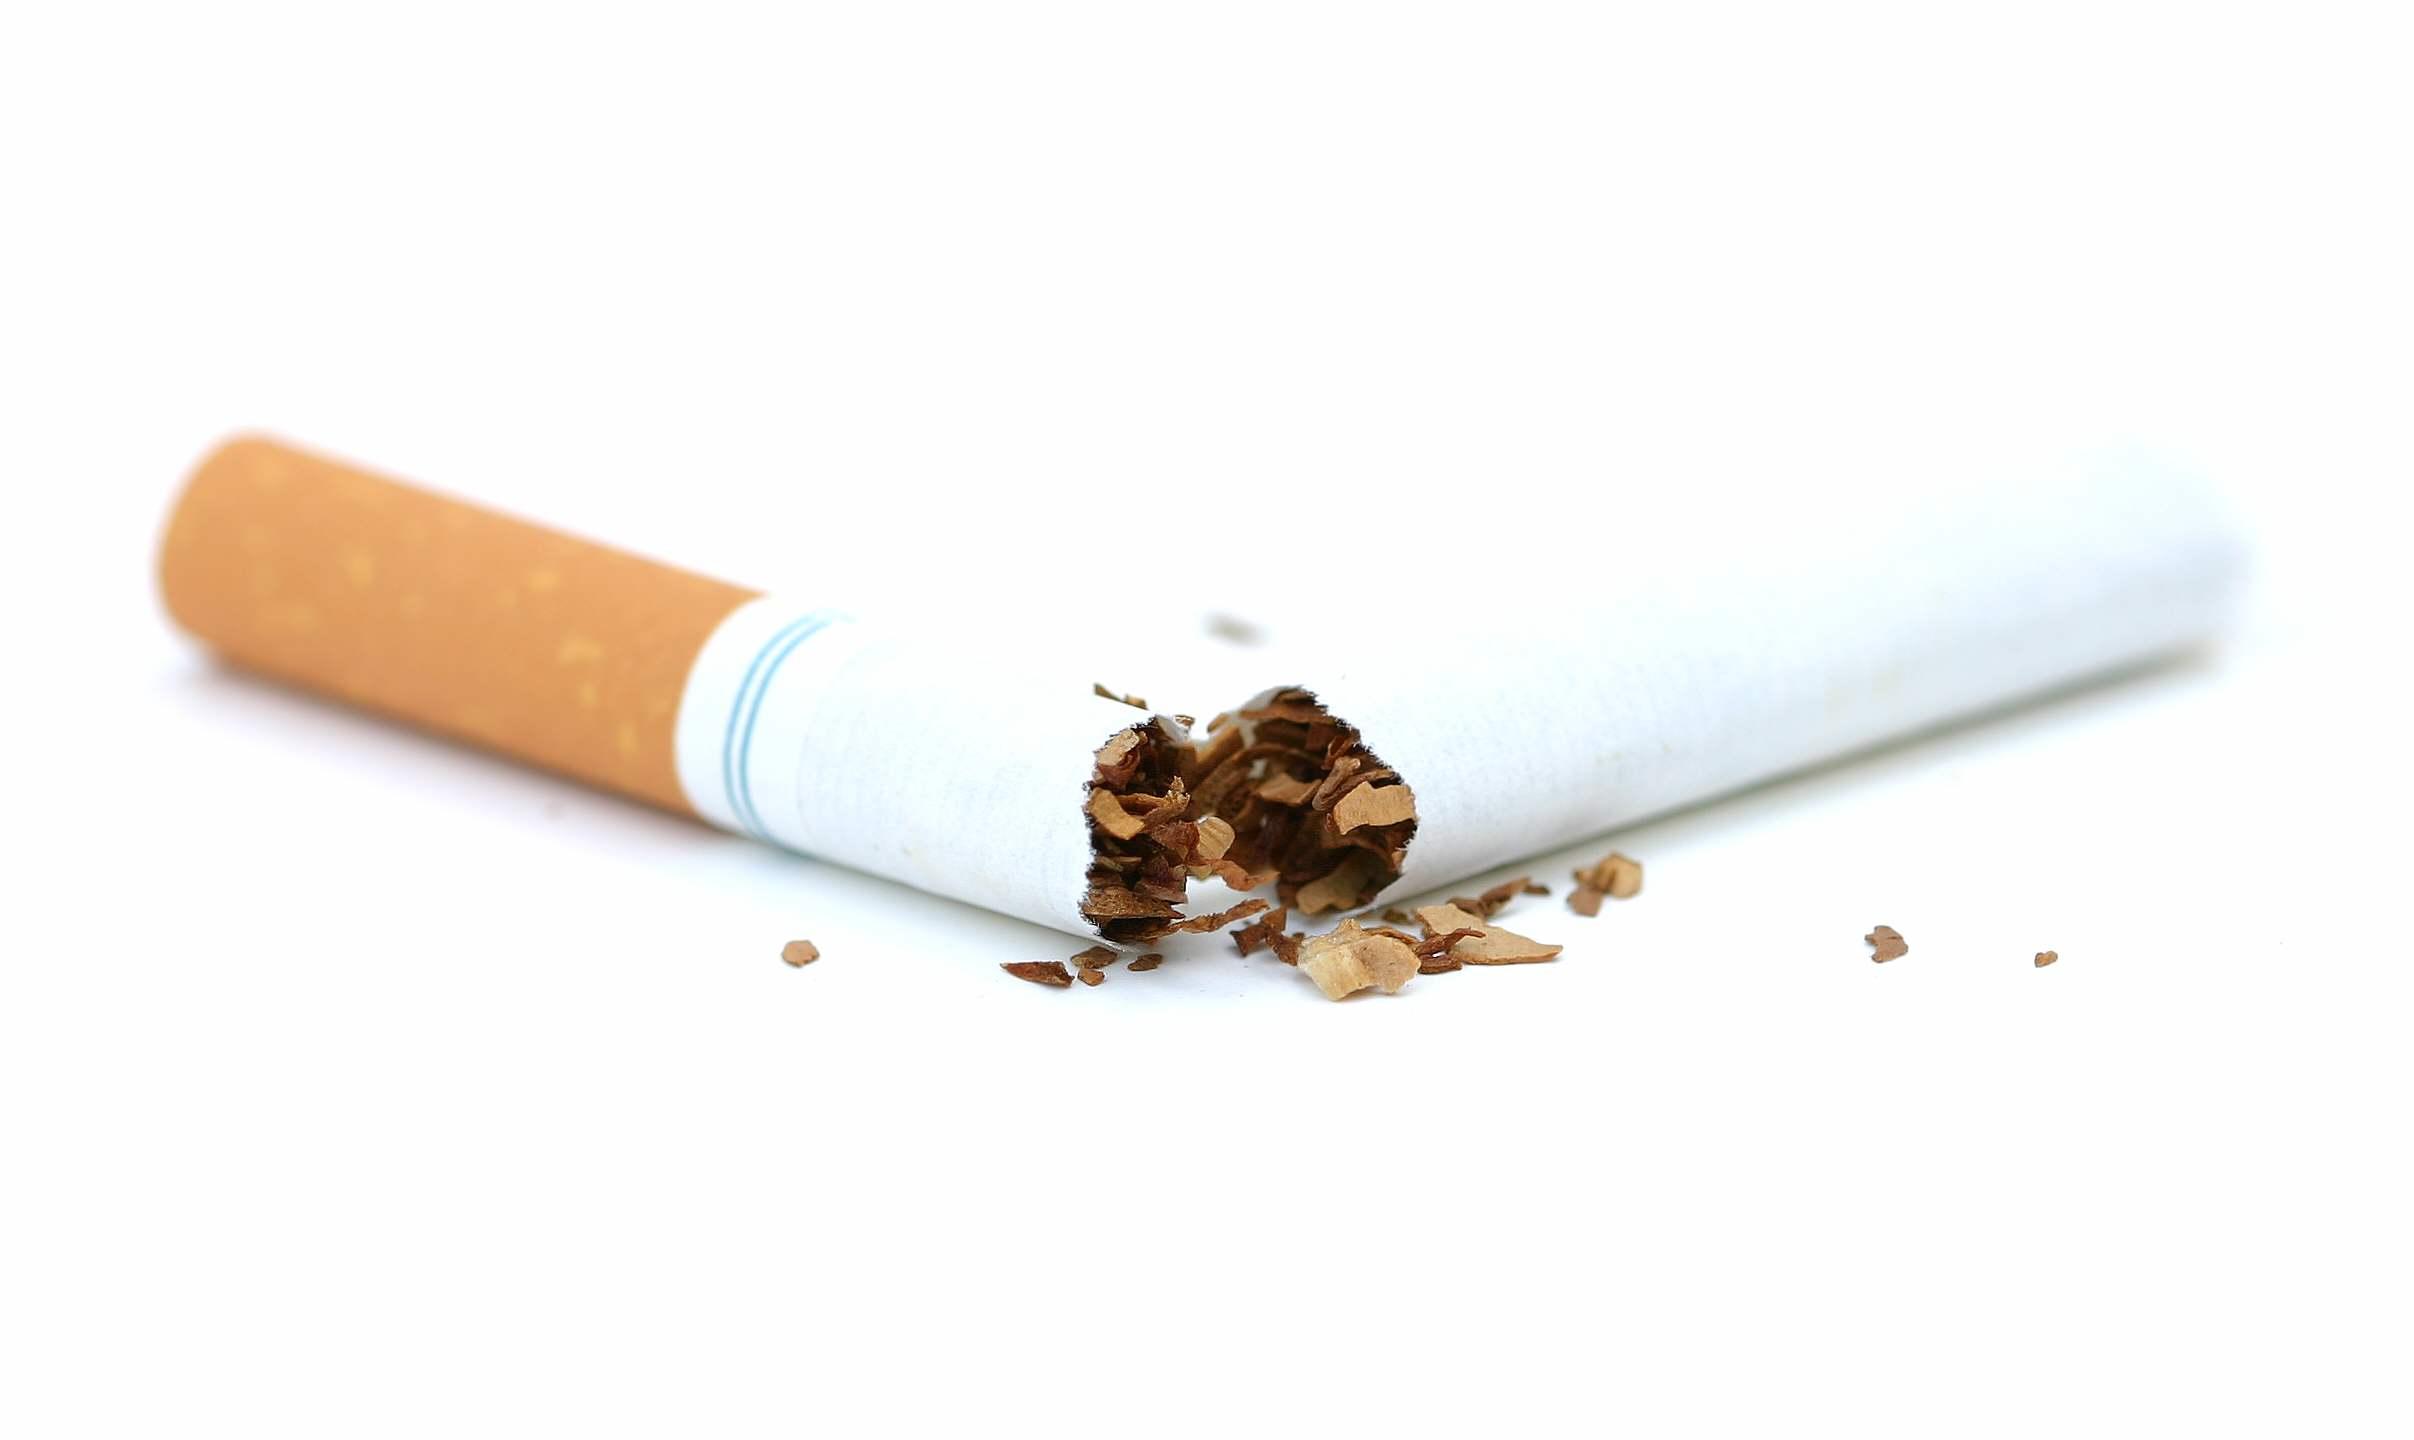 O que é melhor comer depois deixou de fumar